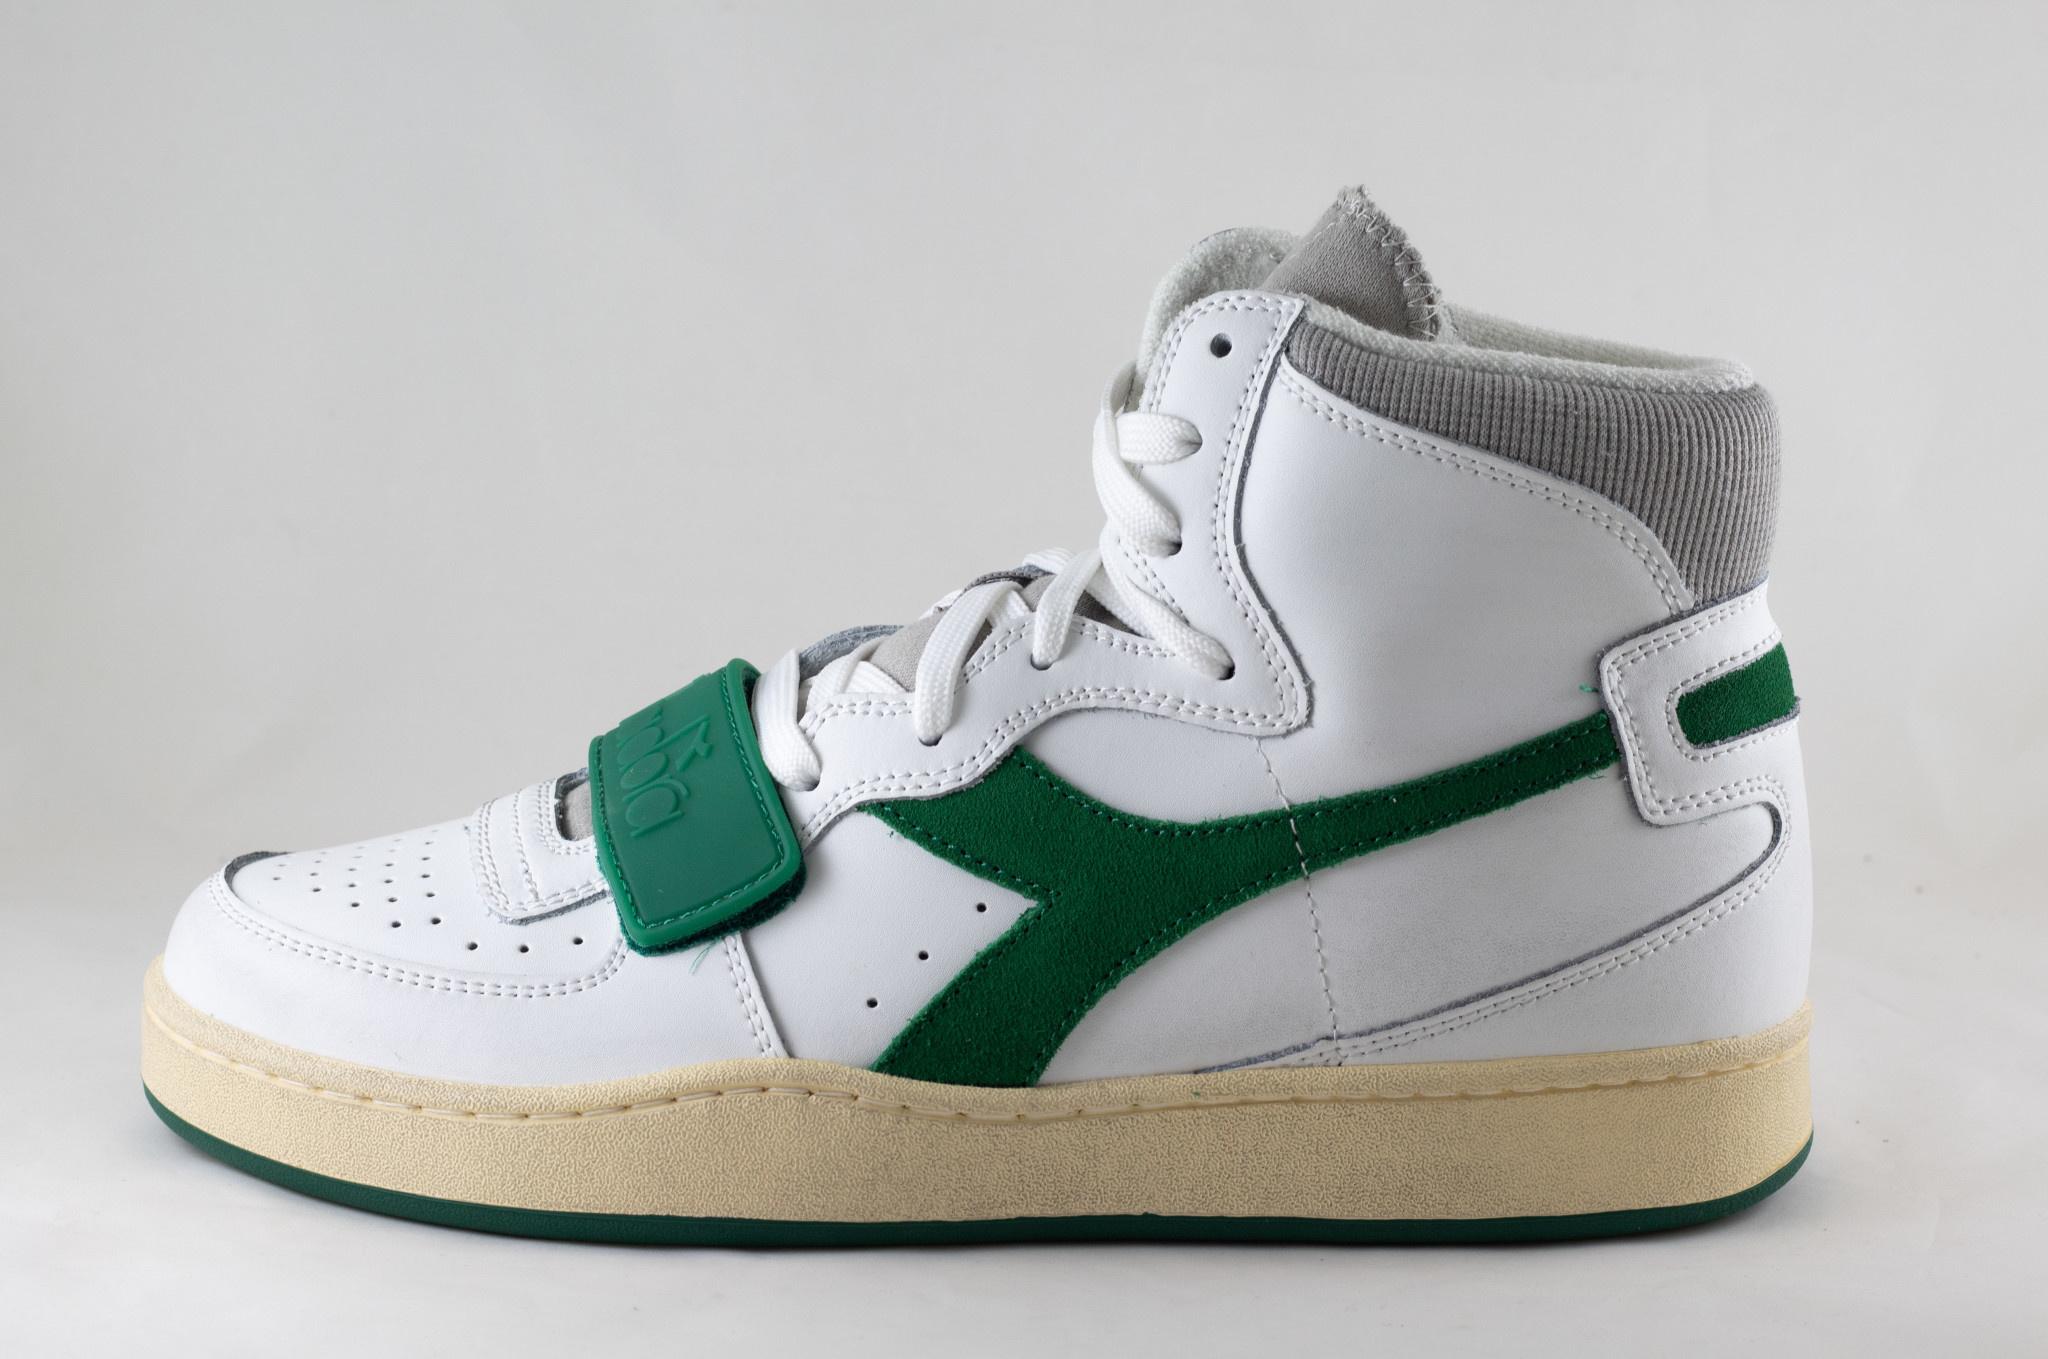 DIADORA MI BASKET USED White/ Verdant Green